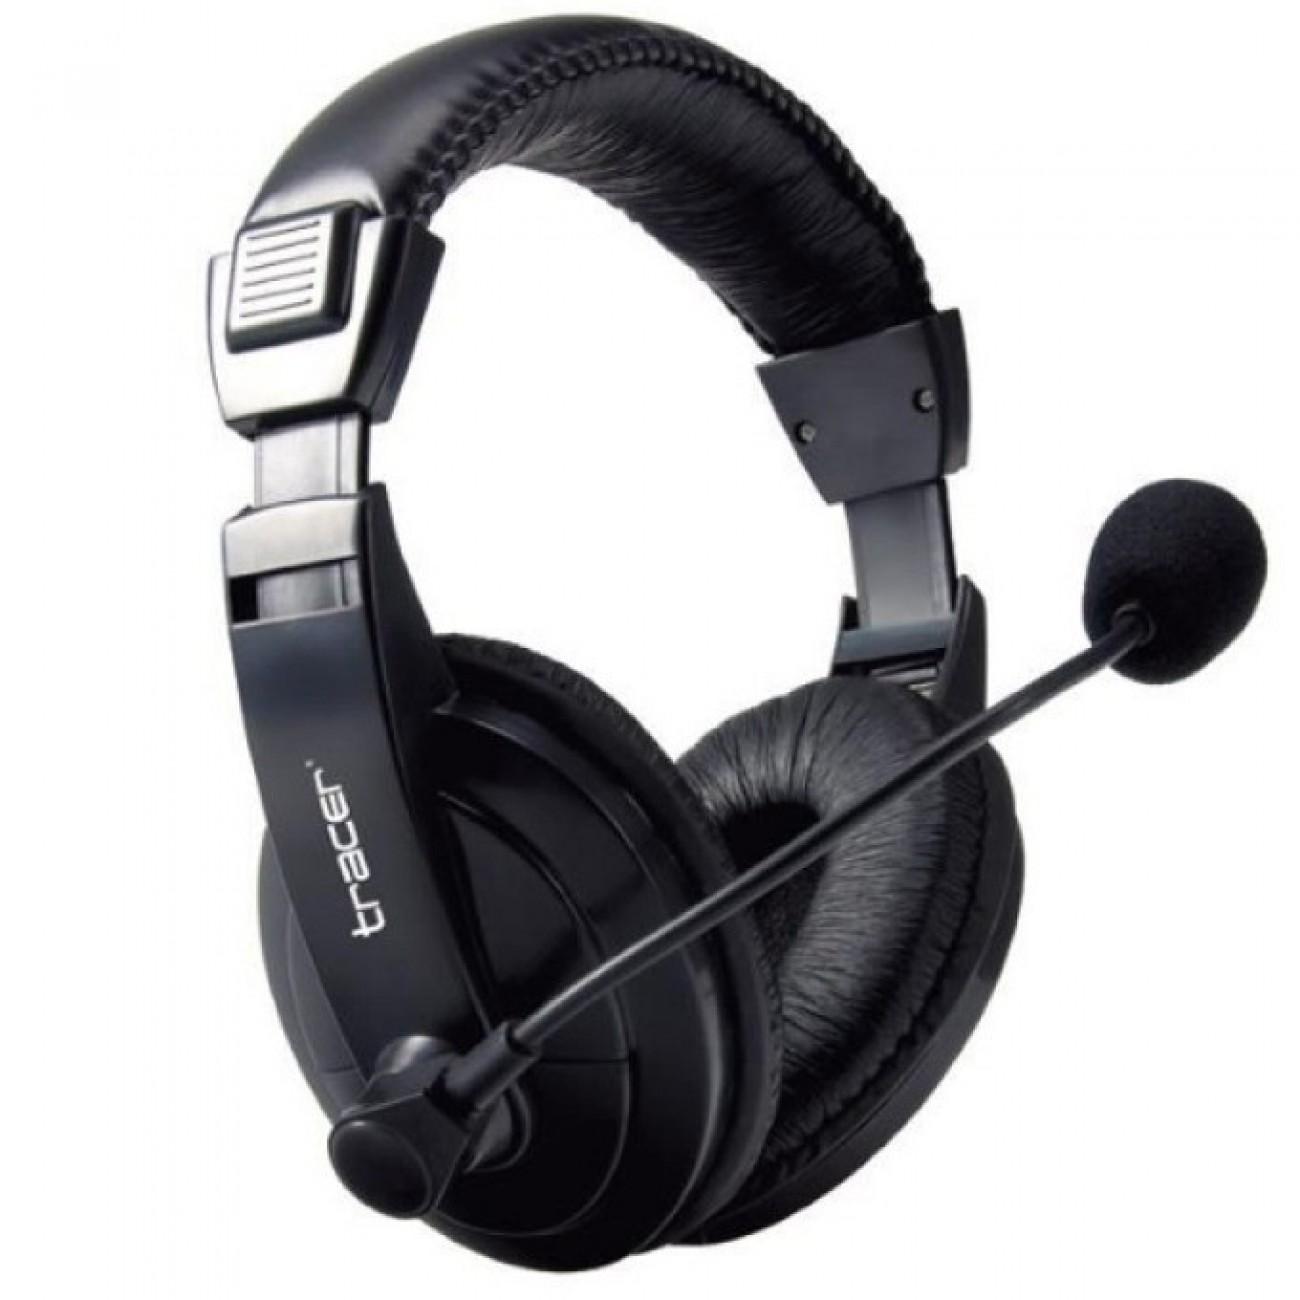 Слушалки Tracer Explode TRASLU43289, микрофон, 20Hz - 20kHz честотен обхват, черни в Слушалки -    Alleop